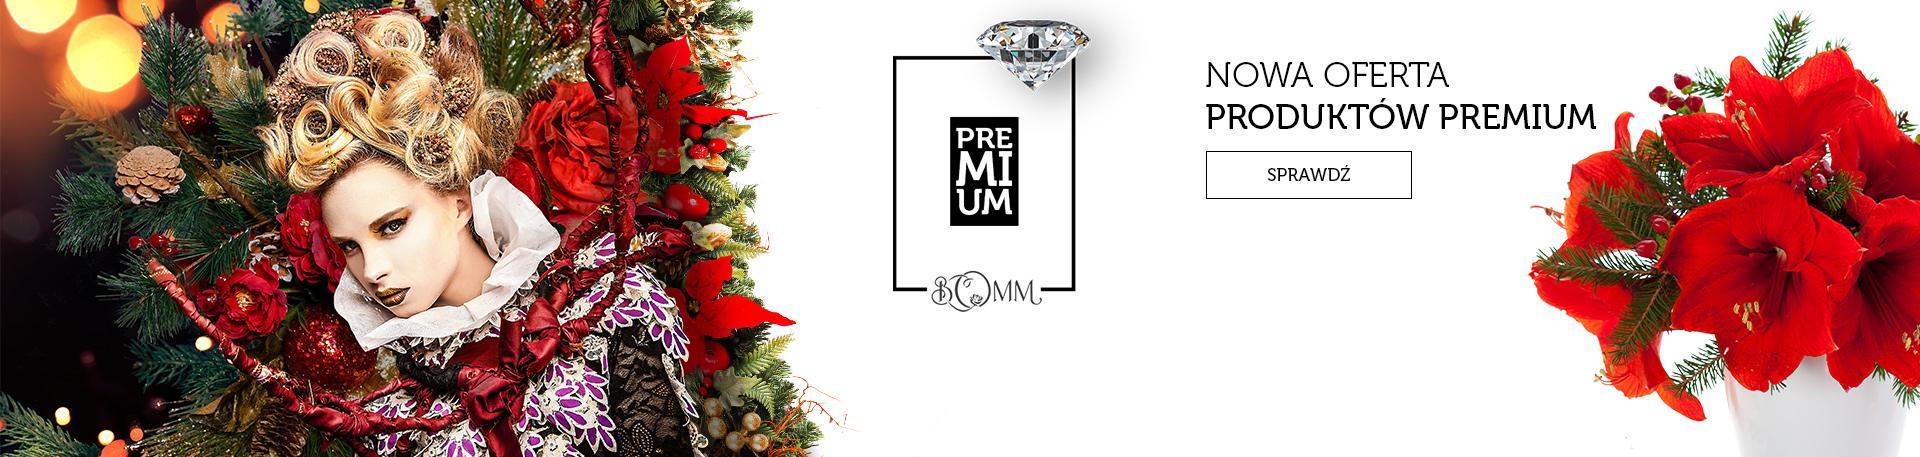 Produkty Premium Boże Narodzenie